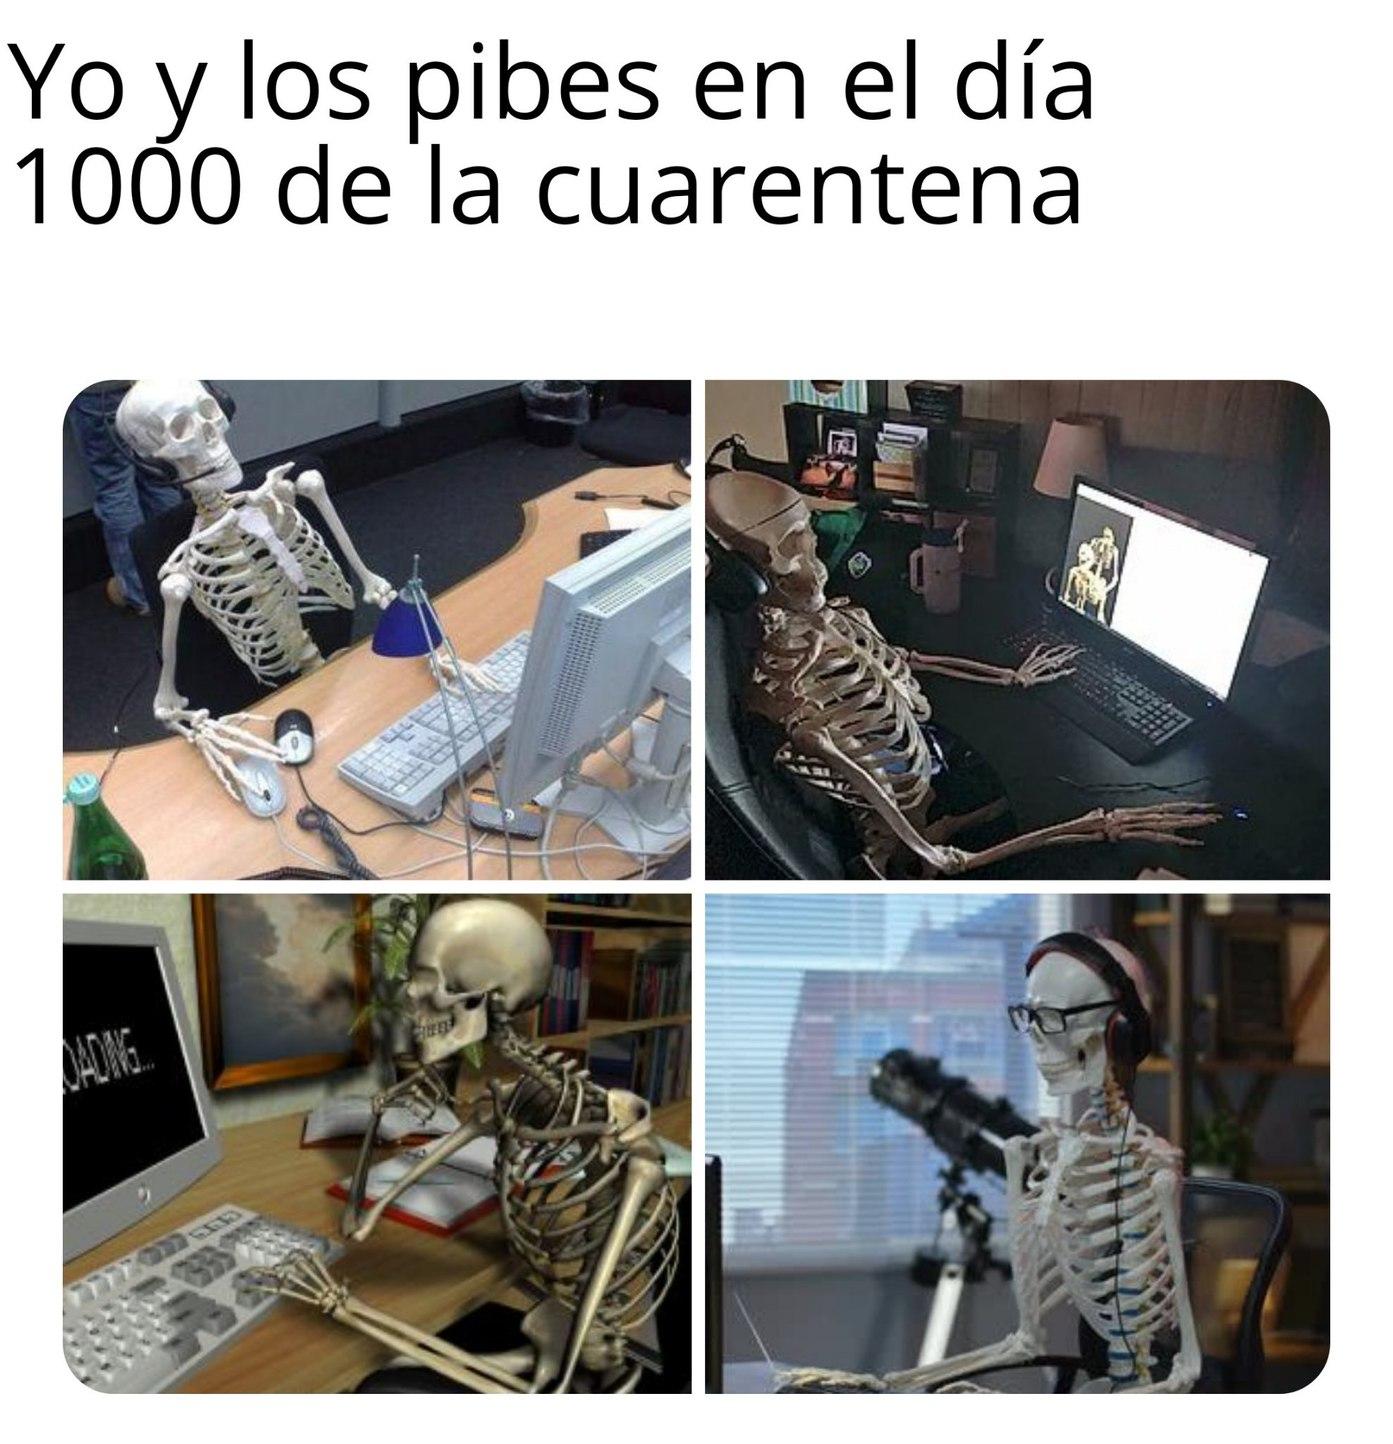 Haciendo Stream con amigos Venezolanos - meme